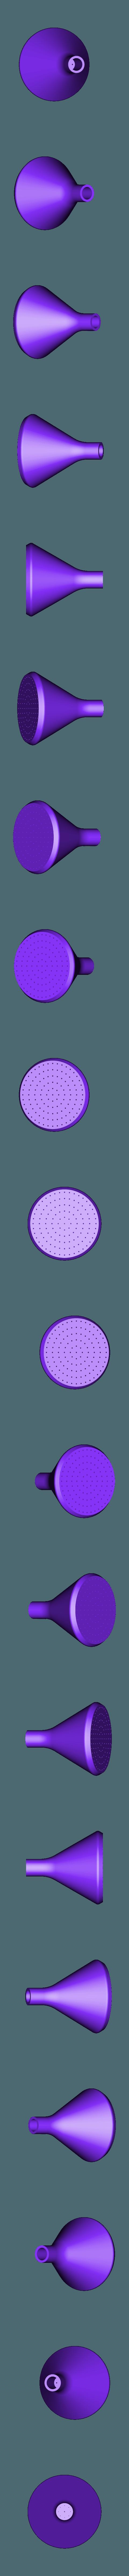 WATERING CAN.stl Télécharger fichier STL gratuit ARROSOIR D'ARROSAGE • Modèle pour impression 3D, Arostro